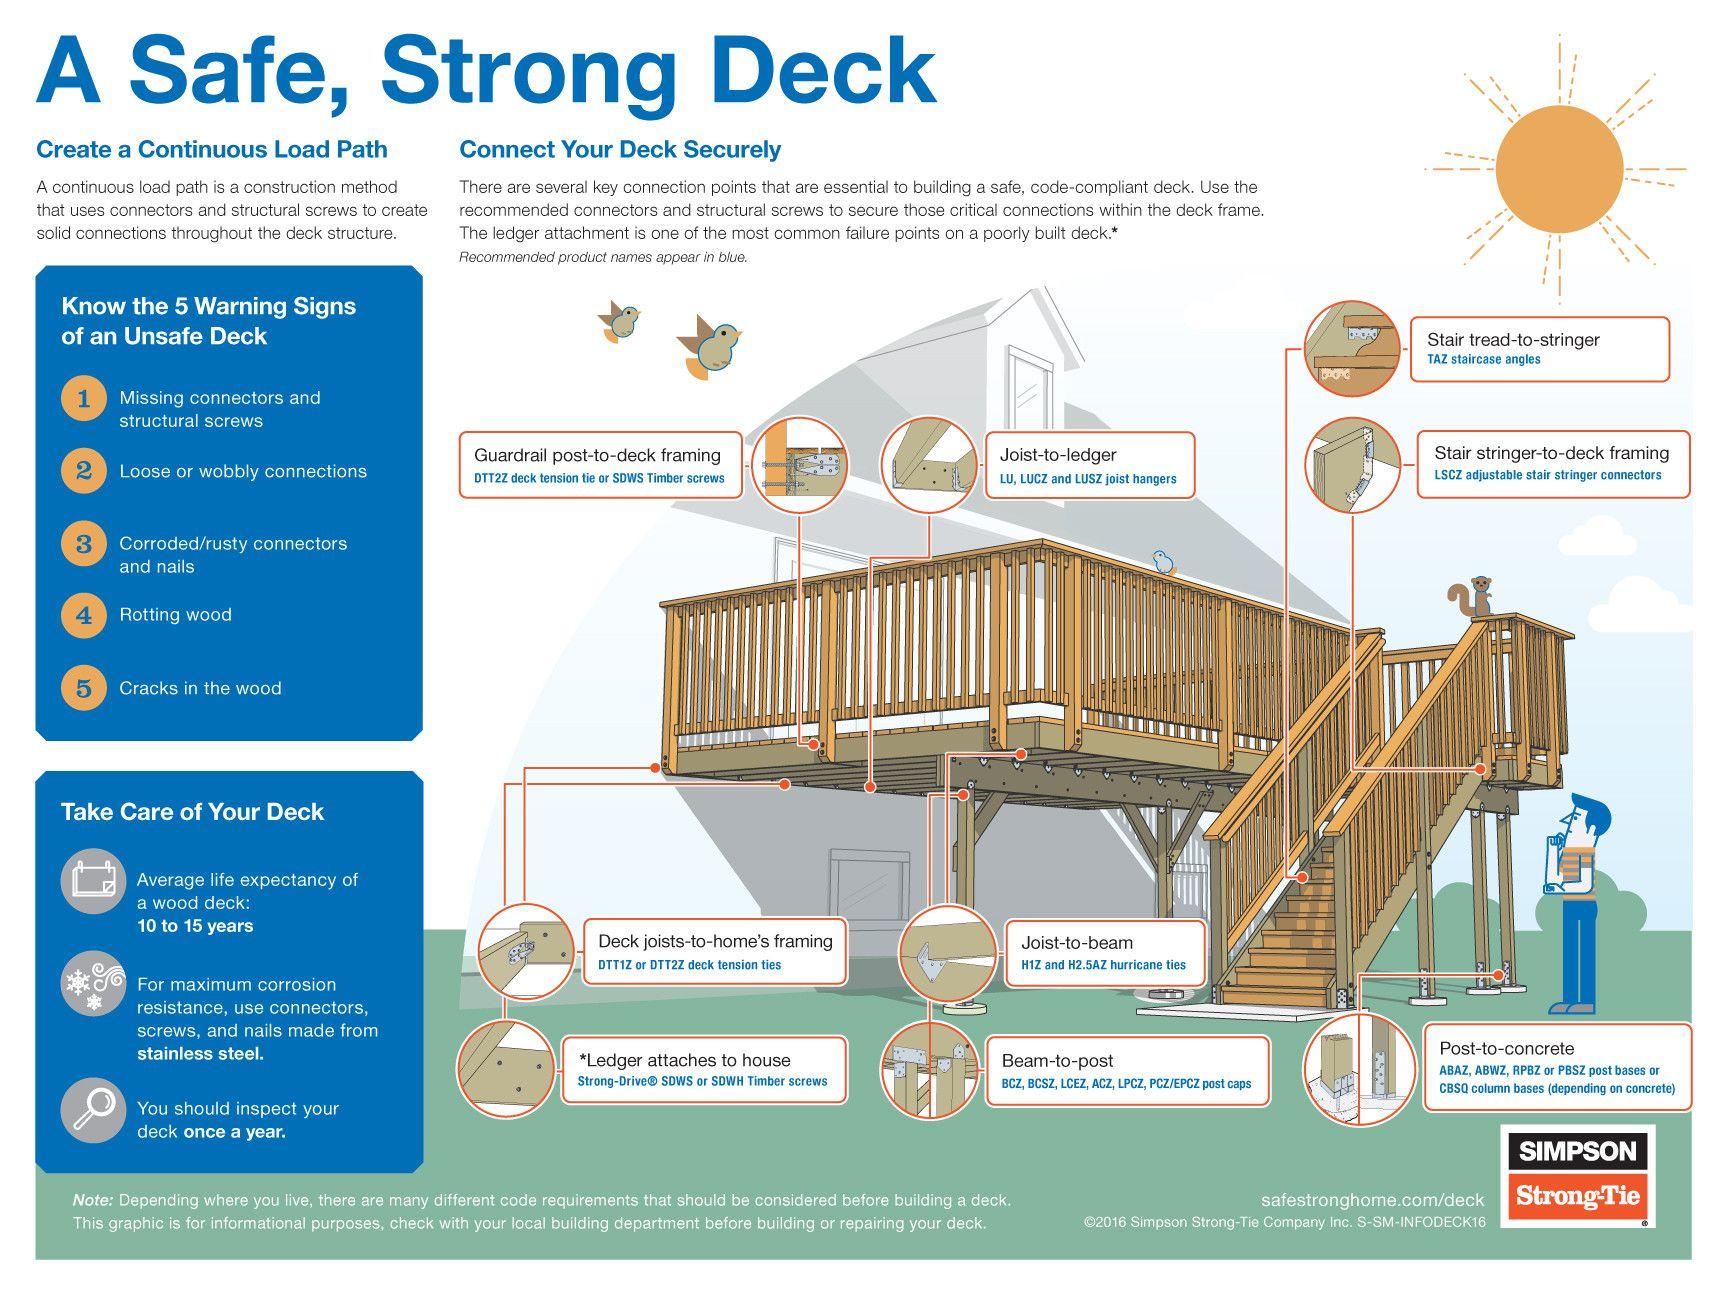 A-Safe-Strong-Deck